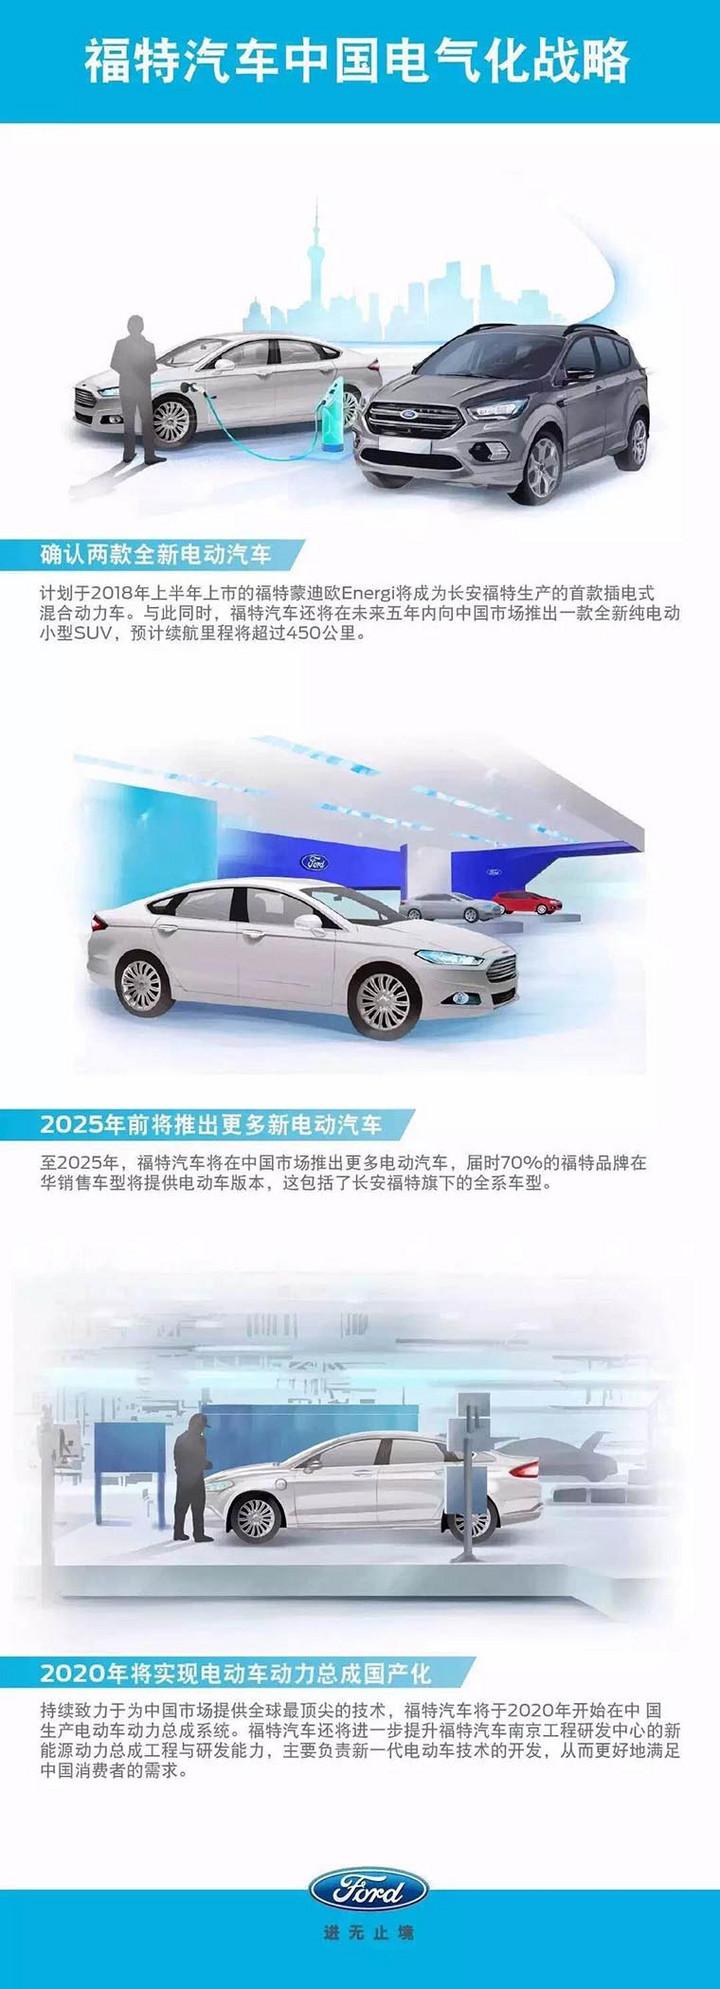 福特中国电气化战略 2025年70%国内销售车型提供新能源版本销售车型提供新能源版本